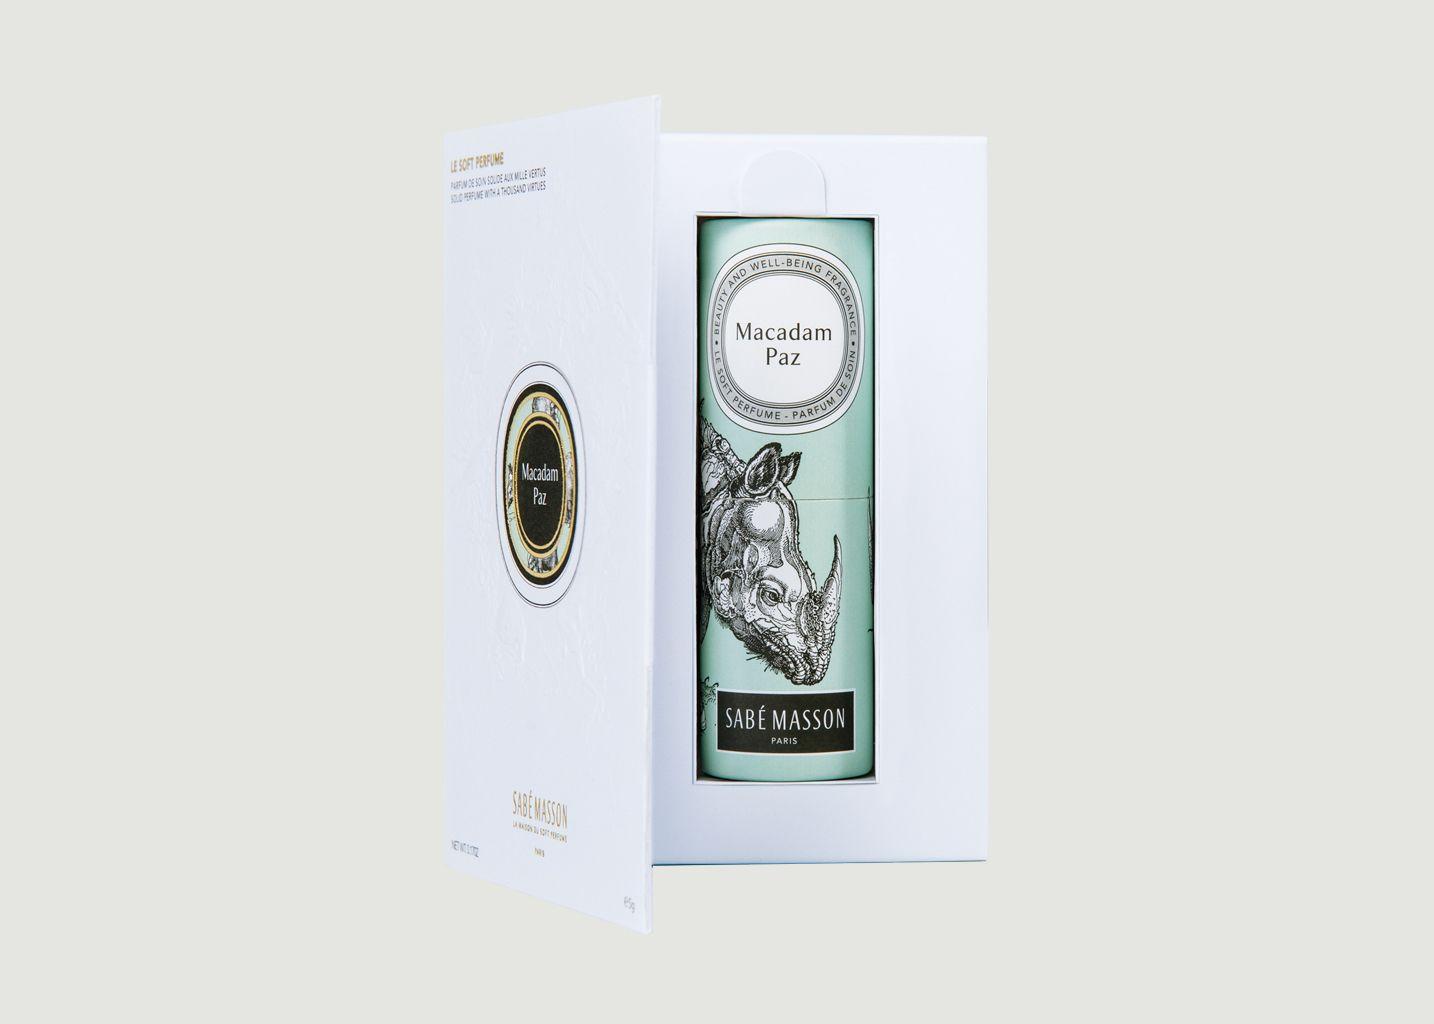 Soft Perfume Macadam Paz - Sabé Masson